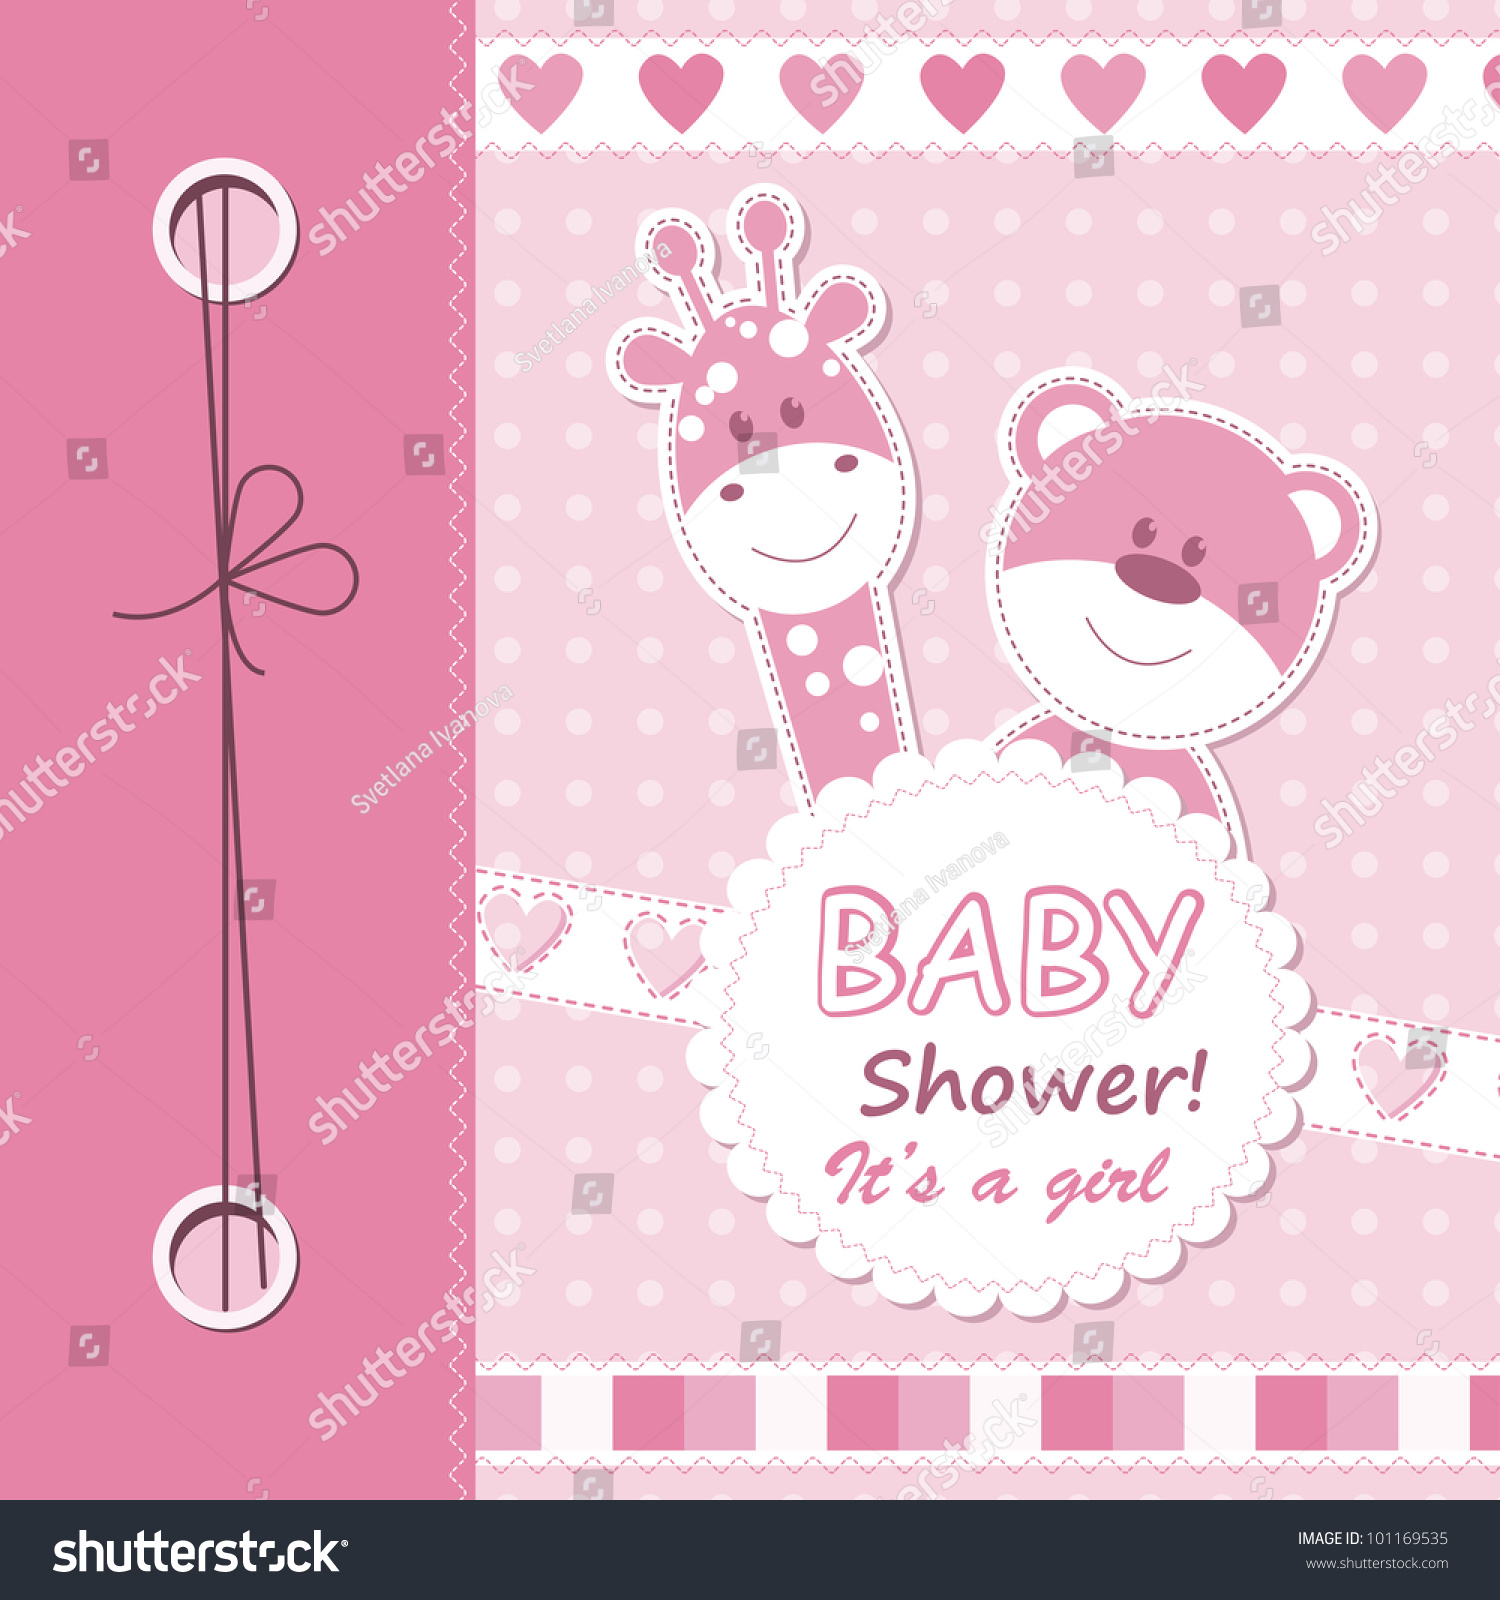 How to scrapbook for baby girl - Vector Baby Girl Scrapbook Card